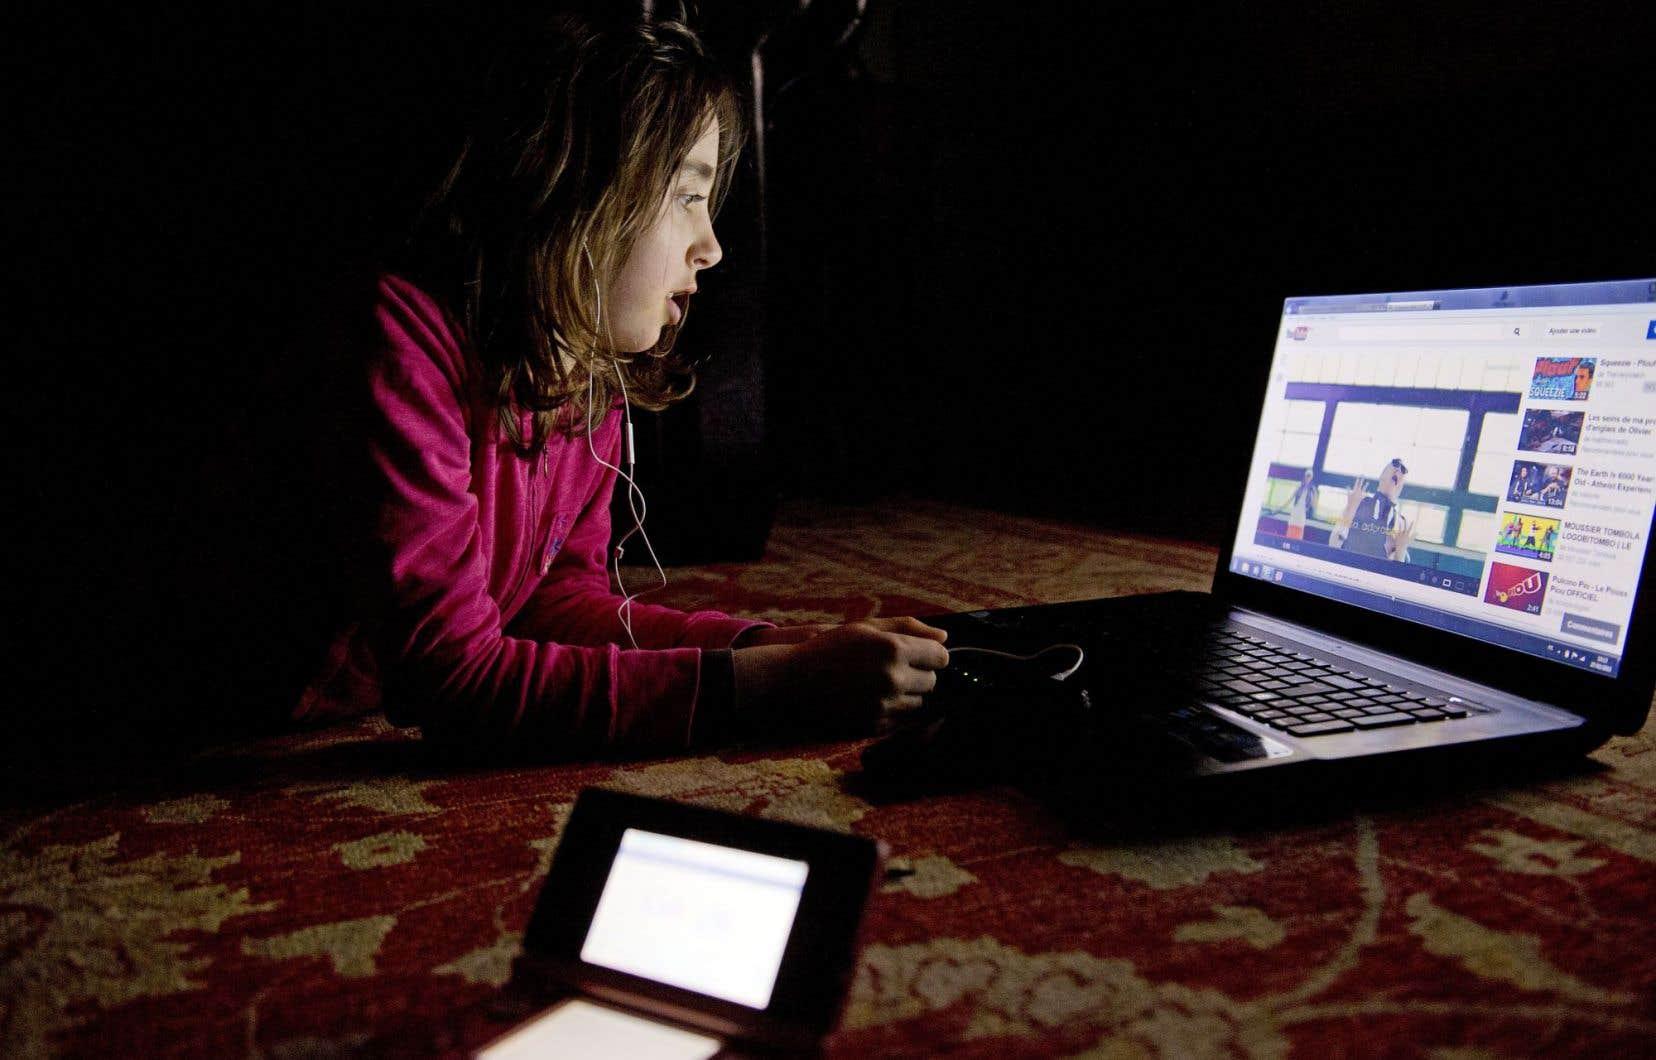 Aux États-Unis, il est estimé que 30% des adultes et 66% des adolescents sont régulièrement en manque de sommeil.